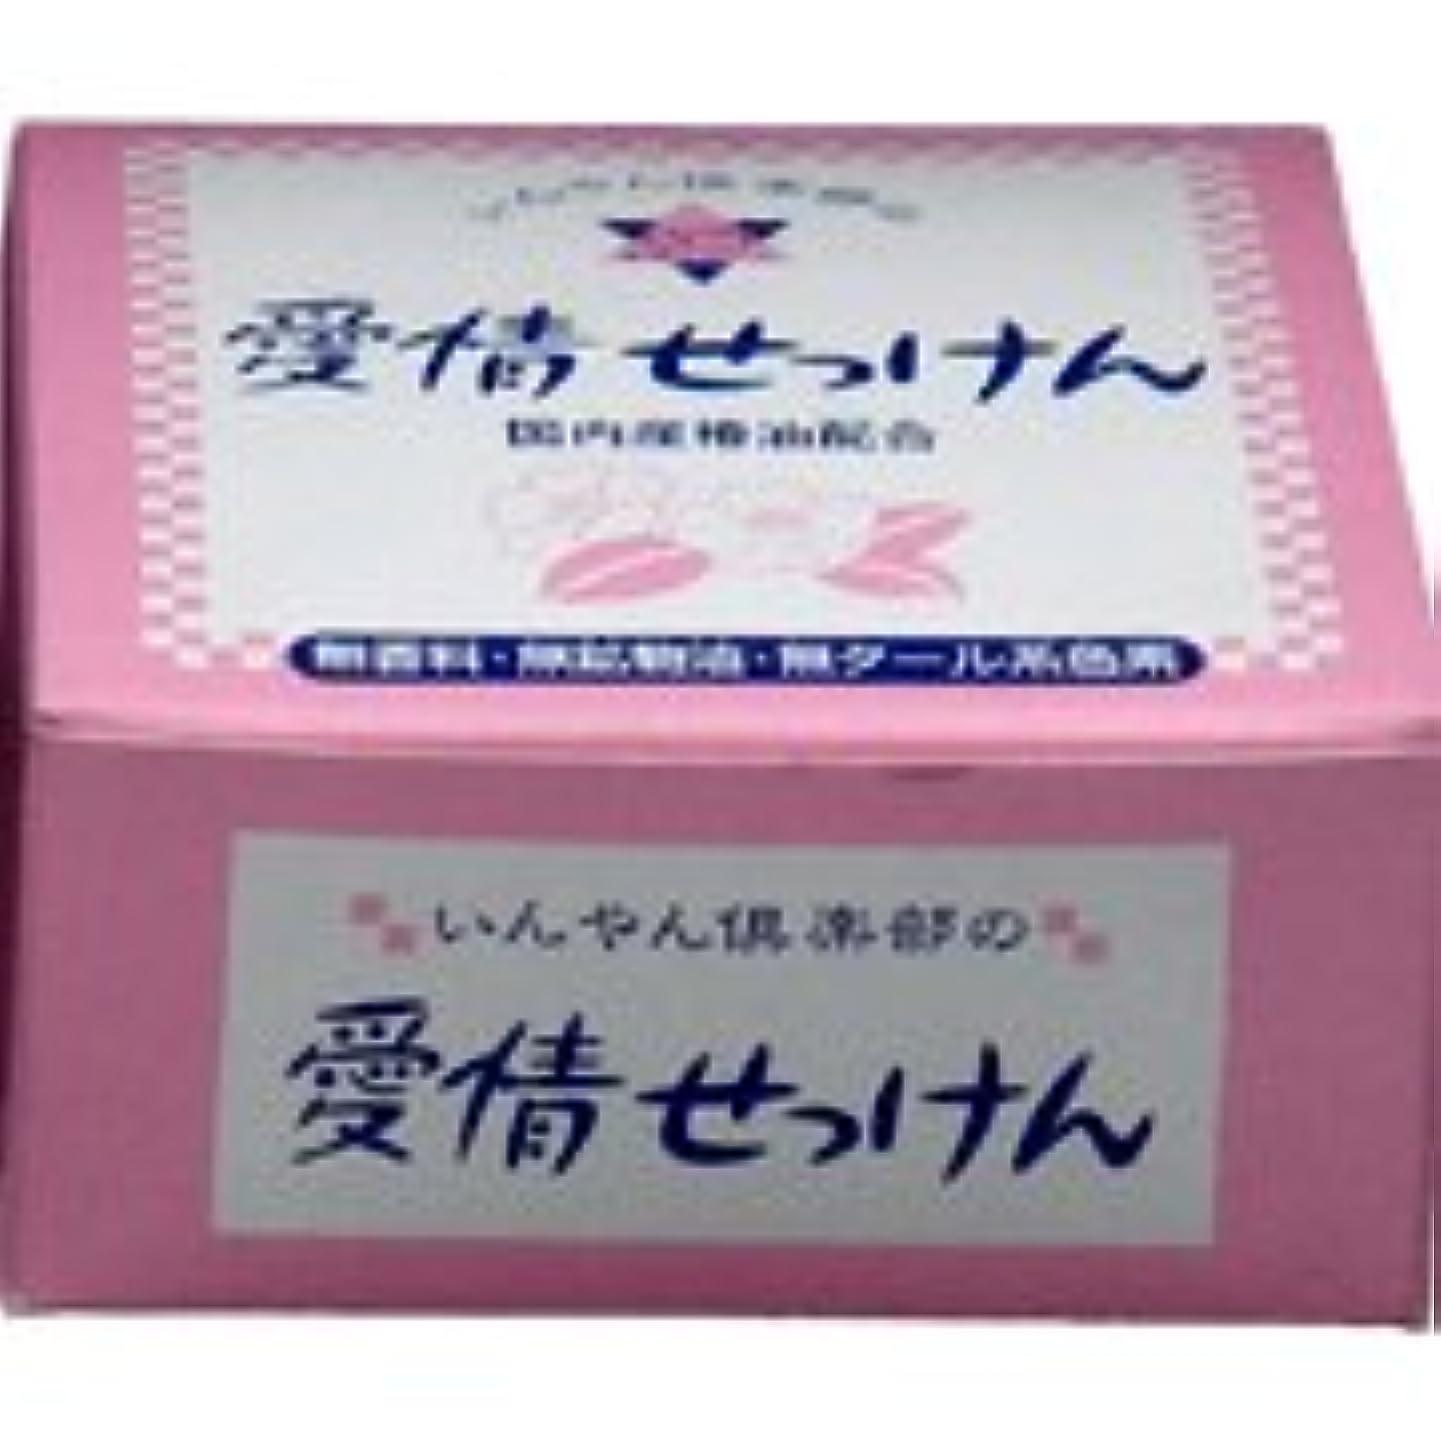 ボルト株式会社買収愛情せっけん 80g×12個   いんやん倶楽部